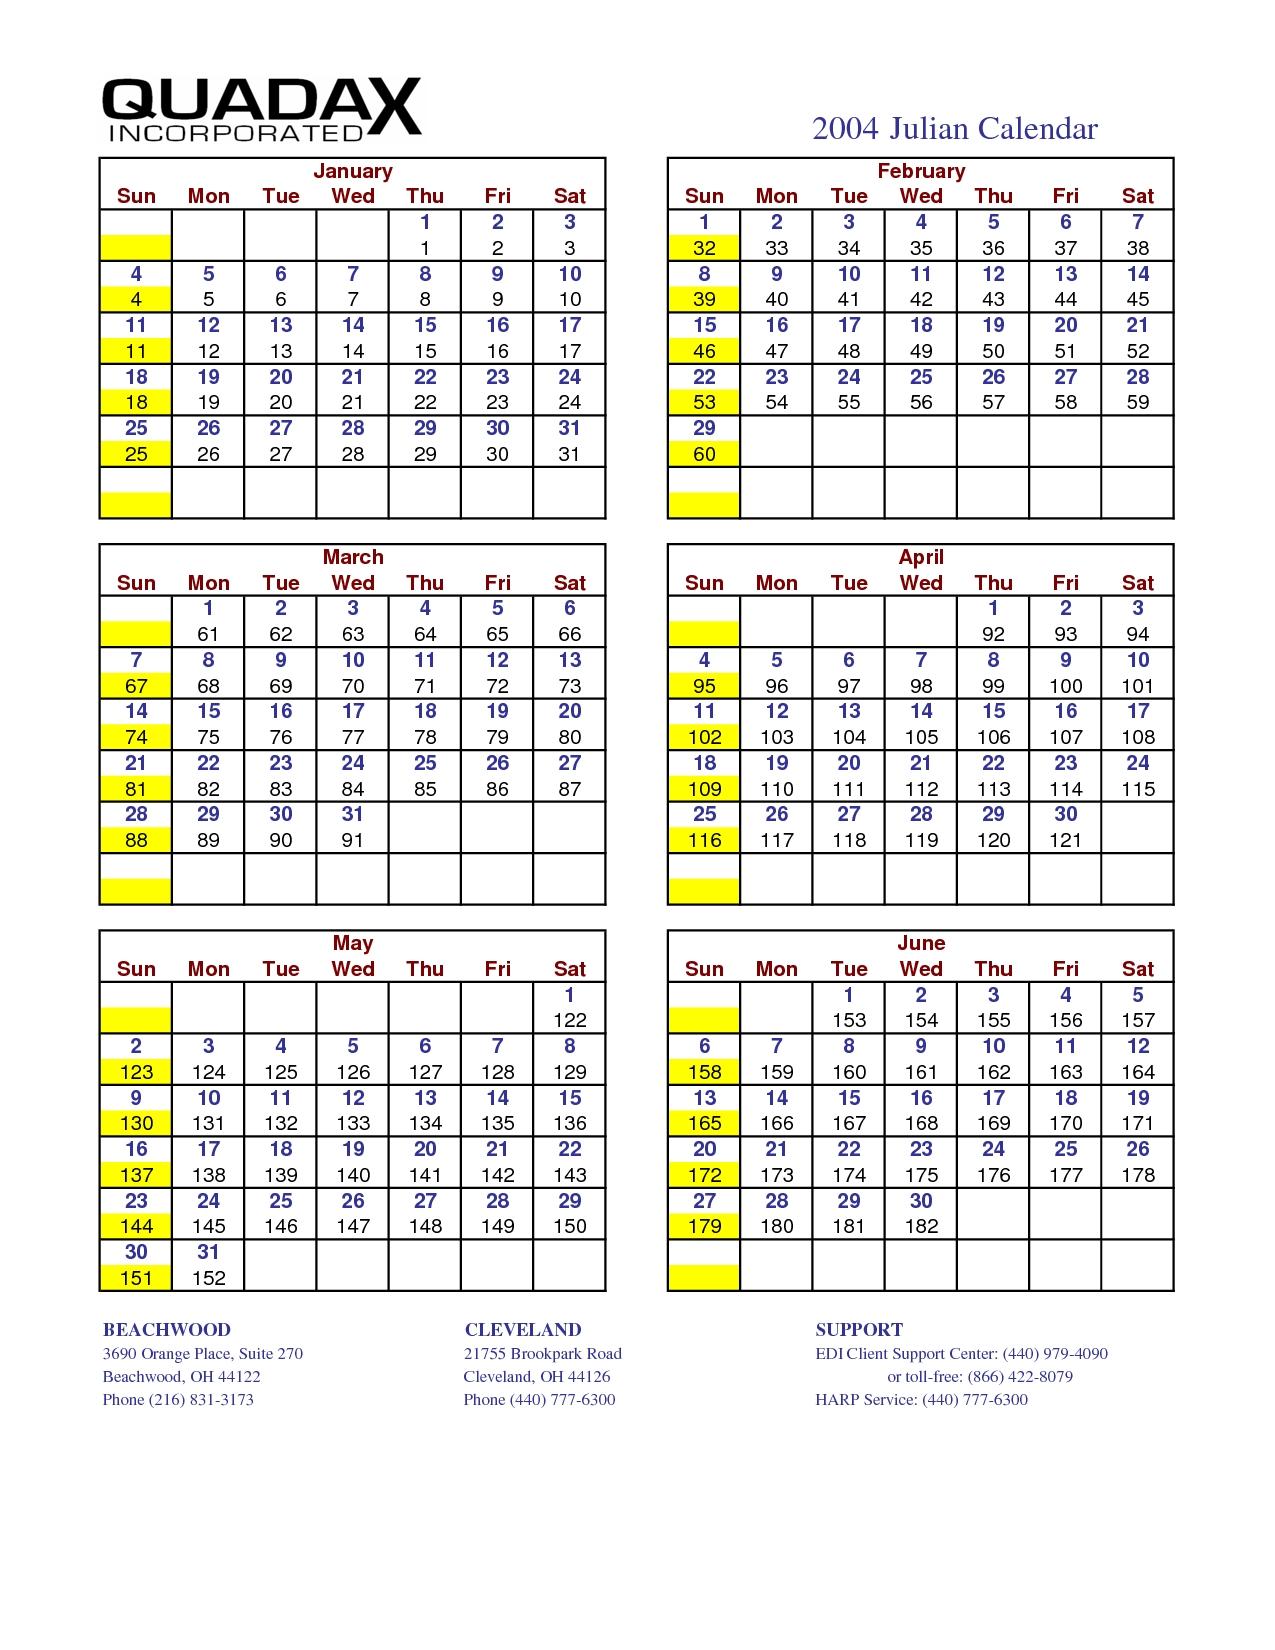 4 Best Julian Date Calendar 2016 Printable - Printablee